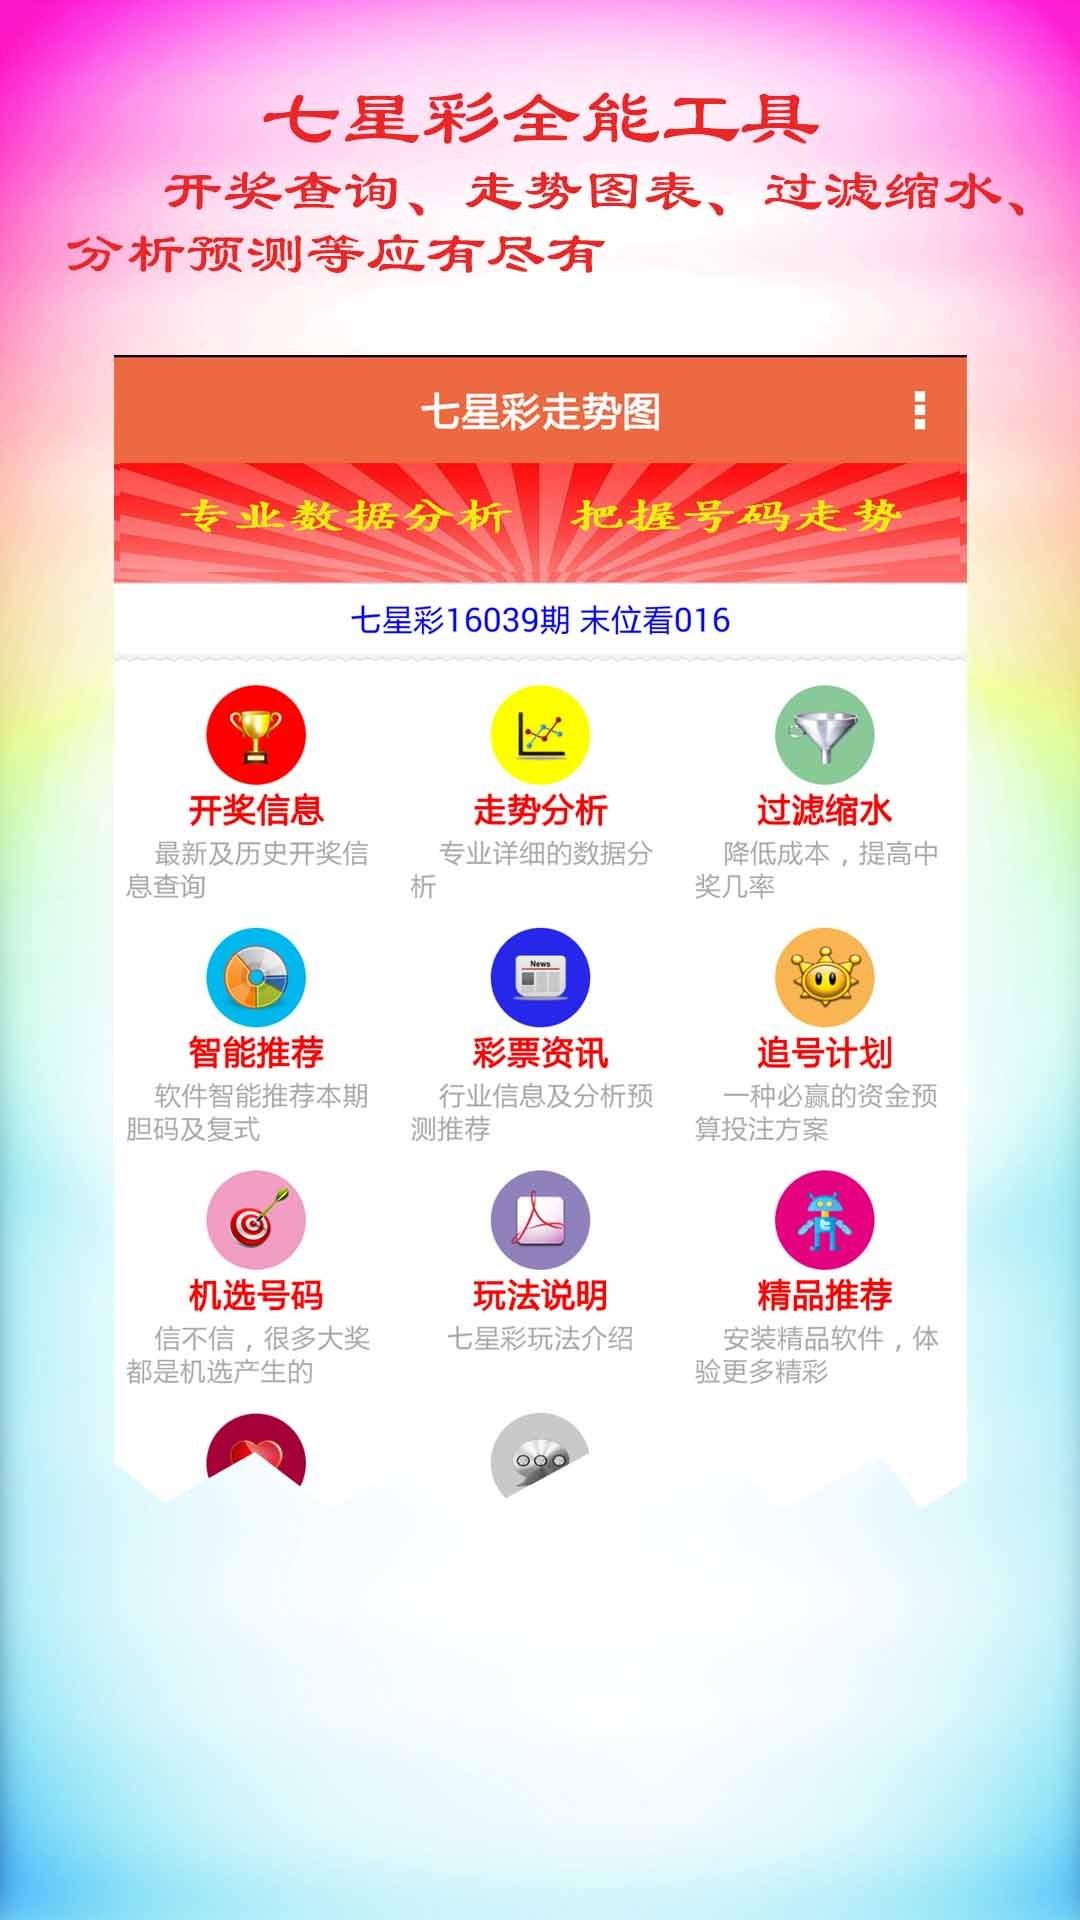 七星彩走势图手机版下载|v4.2.87官方2020手机